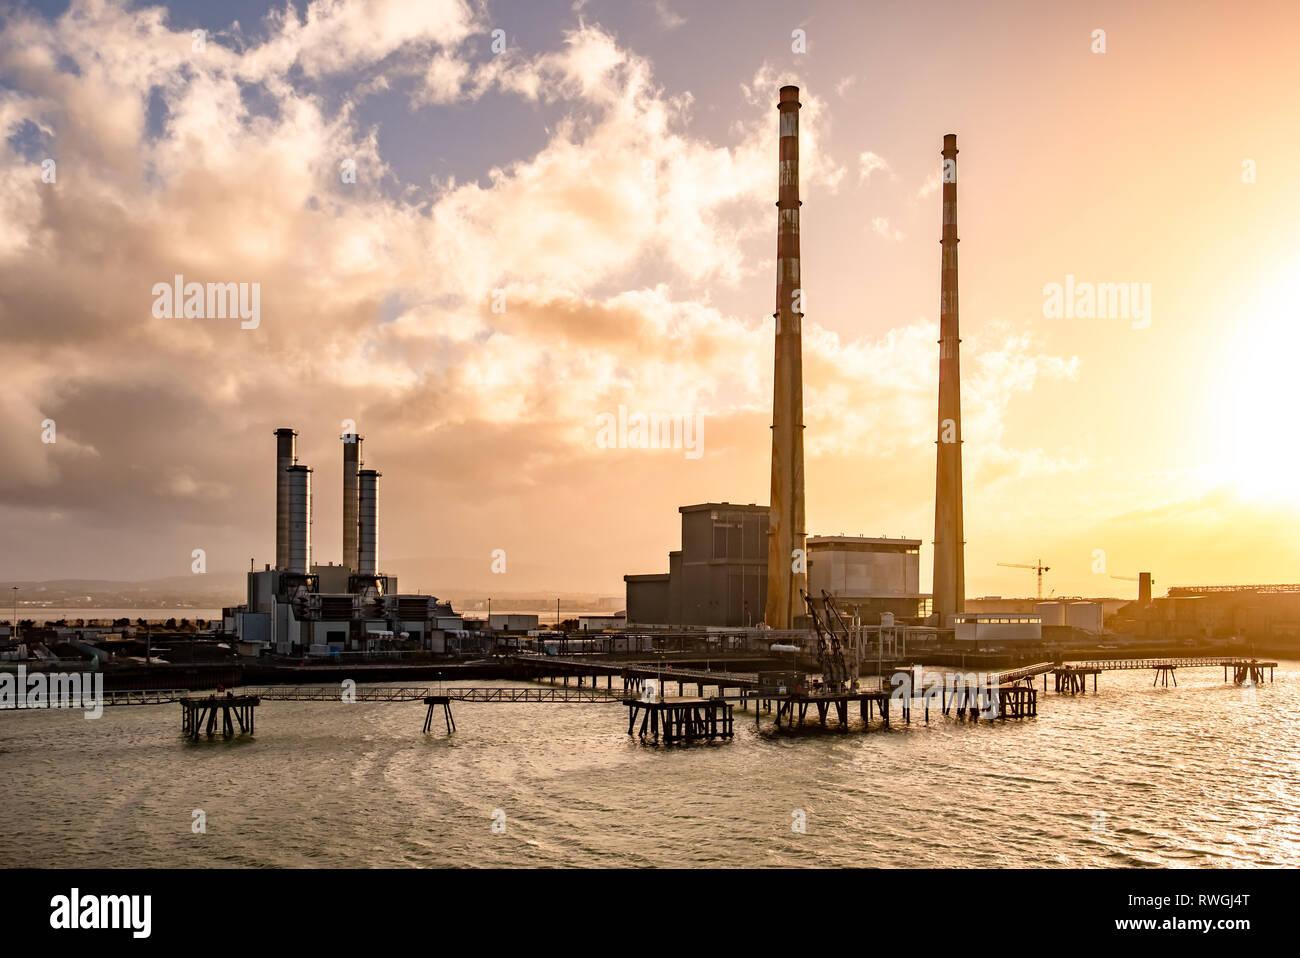 Dublín / IRLANDA - Marzo 03 de 2019: Poolbeg Power Station en el puerto produciendo durante la puesta de sol. Foto de stock